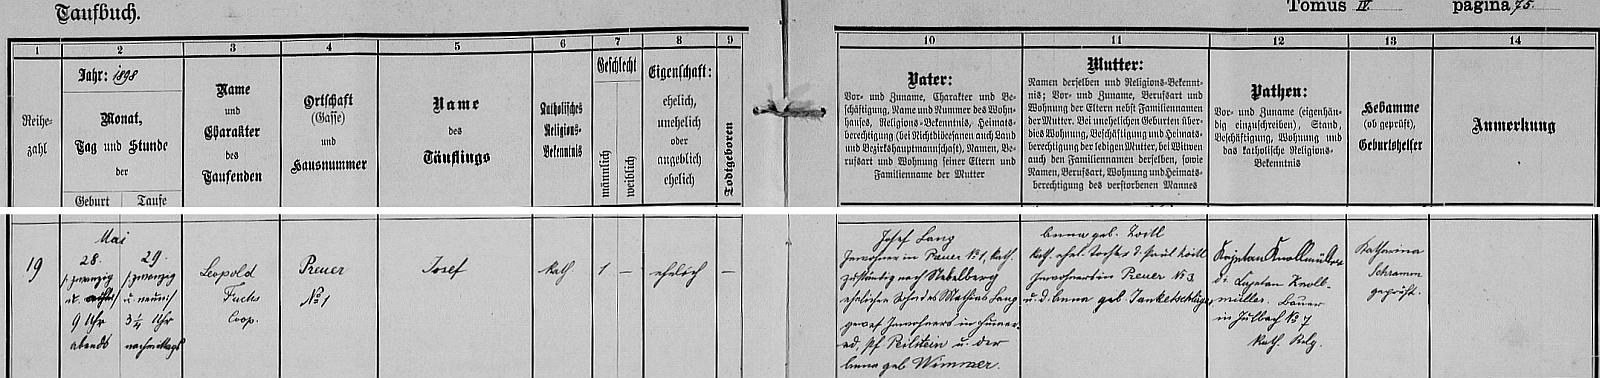 Záznam o jeho narození v křestní matrice hornorakouské farní obce Julbach